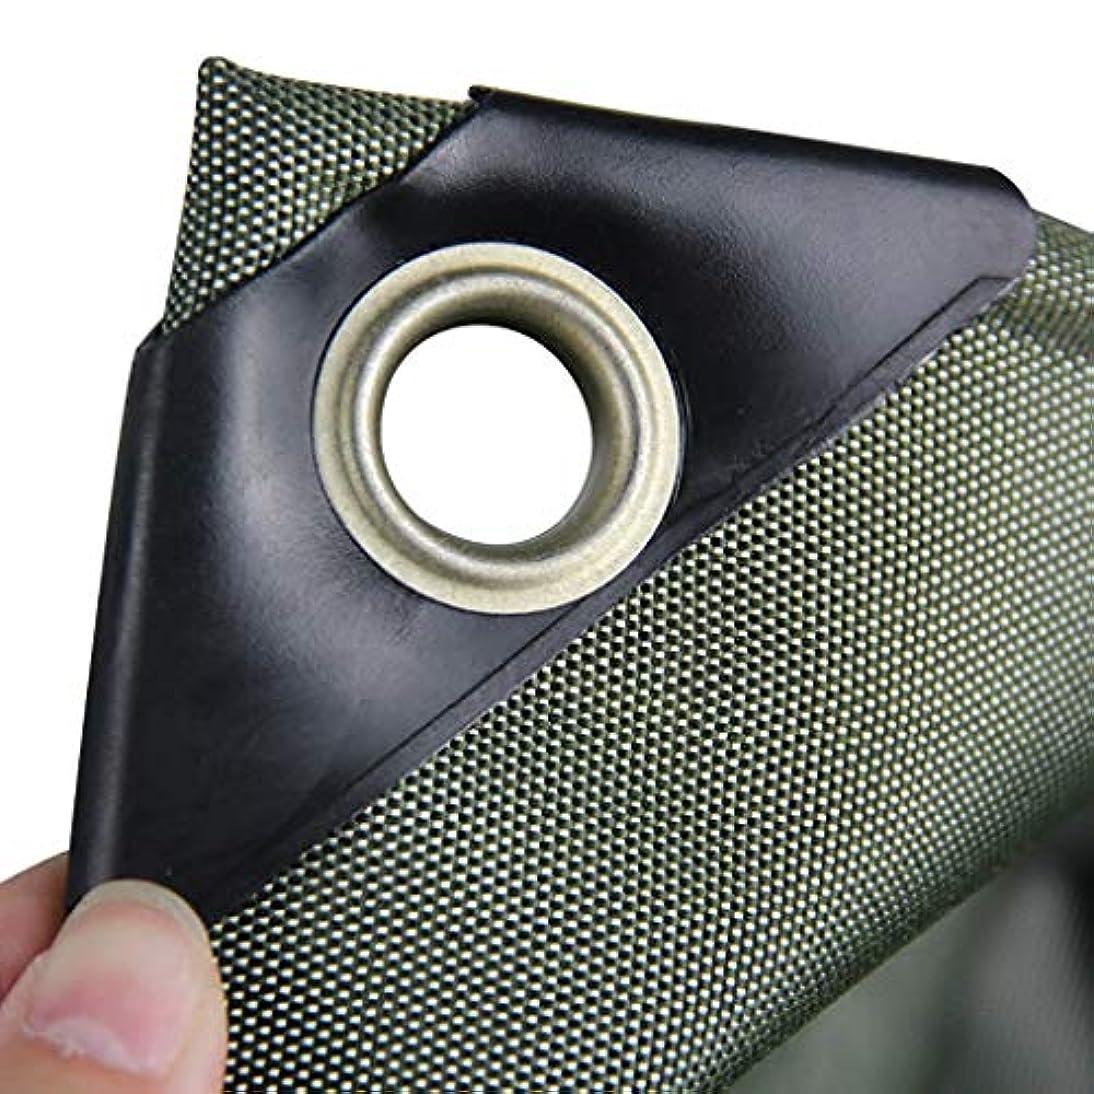 実業家従順含むタープ 太陽と雨のための大きい緑の防水シート、PVCの上塗を施してある布の防水シート、防水、耐久性、引裂抵抗、老化防止 テント (Color : Green, Size : 5m×6m)